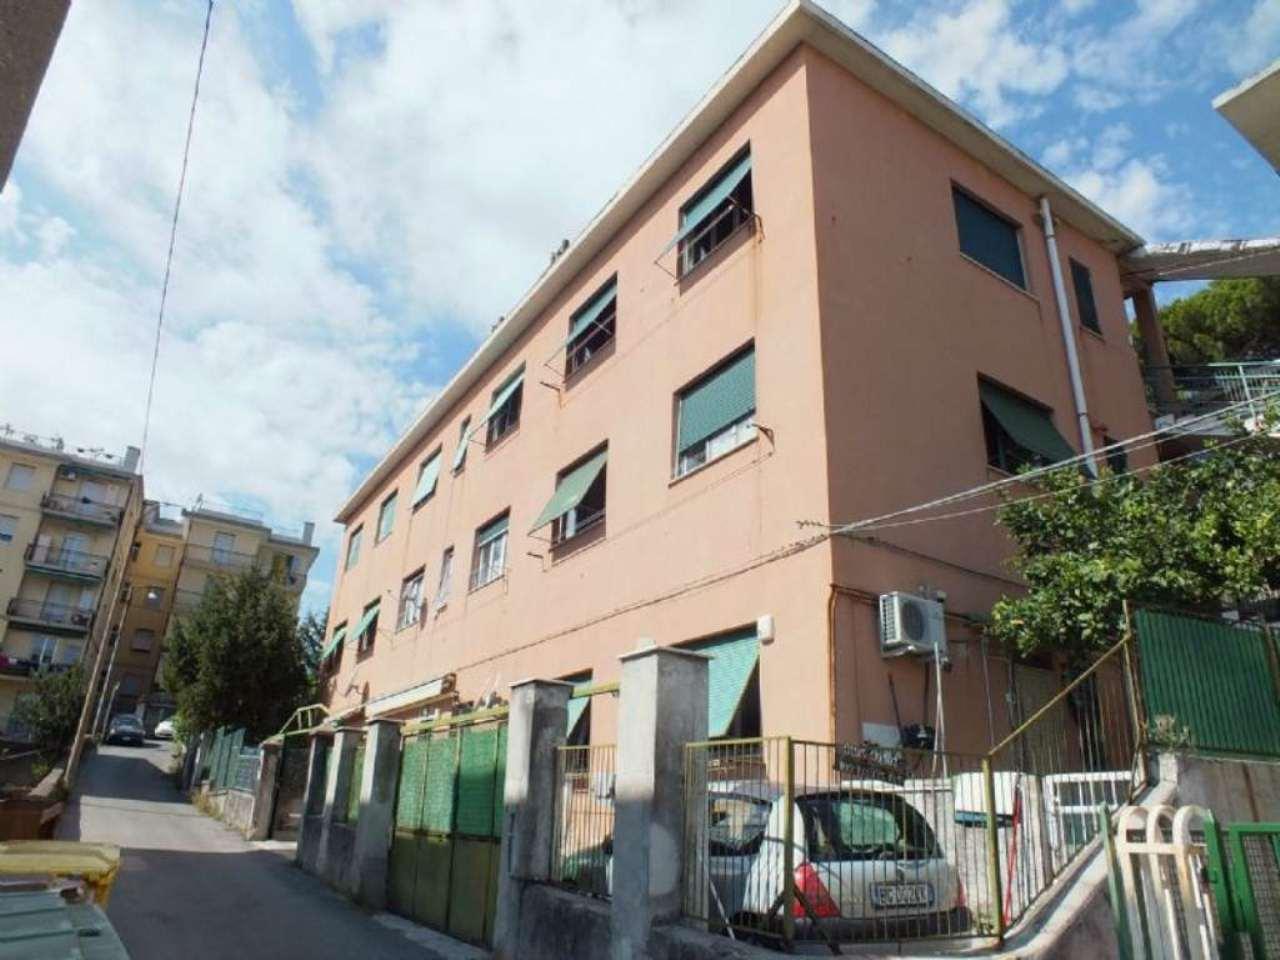 Appartamento in vendita a Genova, 5 locali, zona Zona: 13 . Sestri Ponente, Medio Ponente, prezzo € 99.000 | Cambio Casa.it